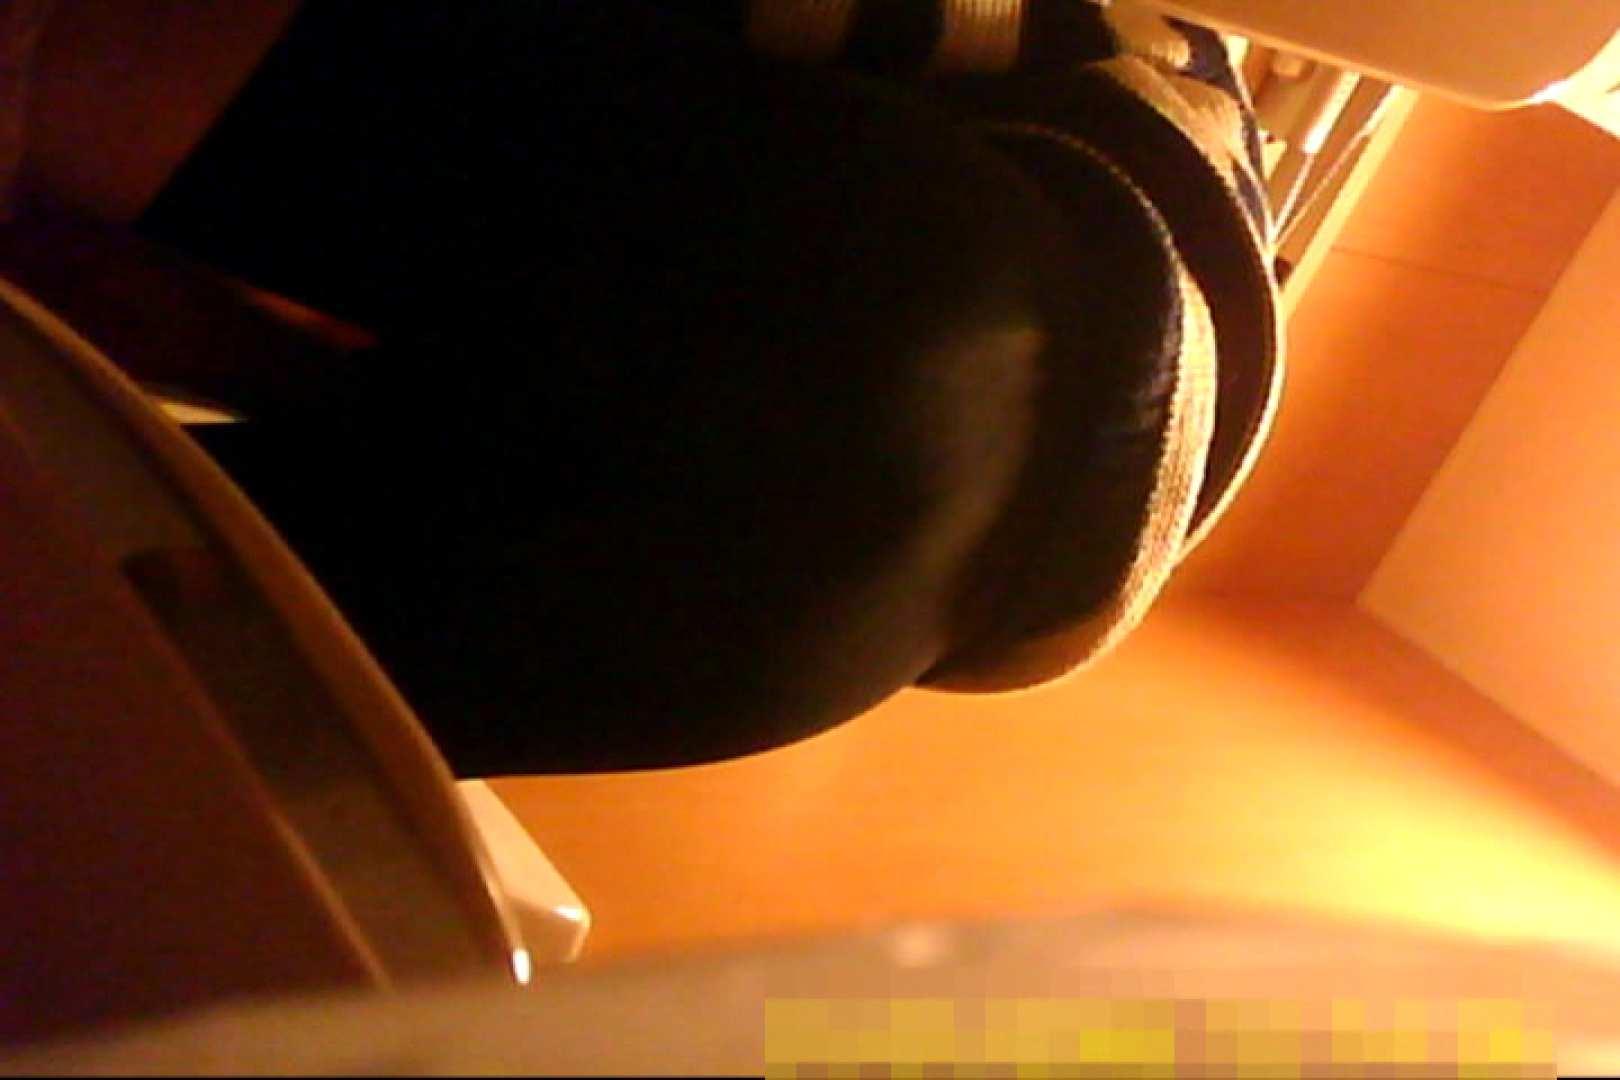 魅惑の化粧室~禁断のプライベート空間~vol.6 0  78連発 49